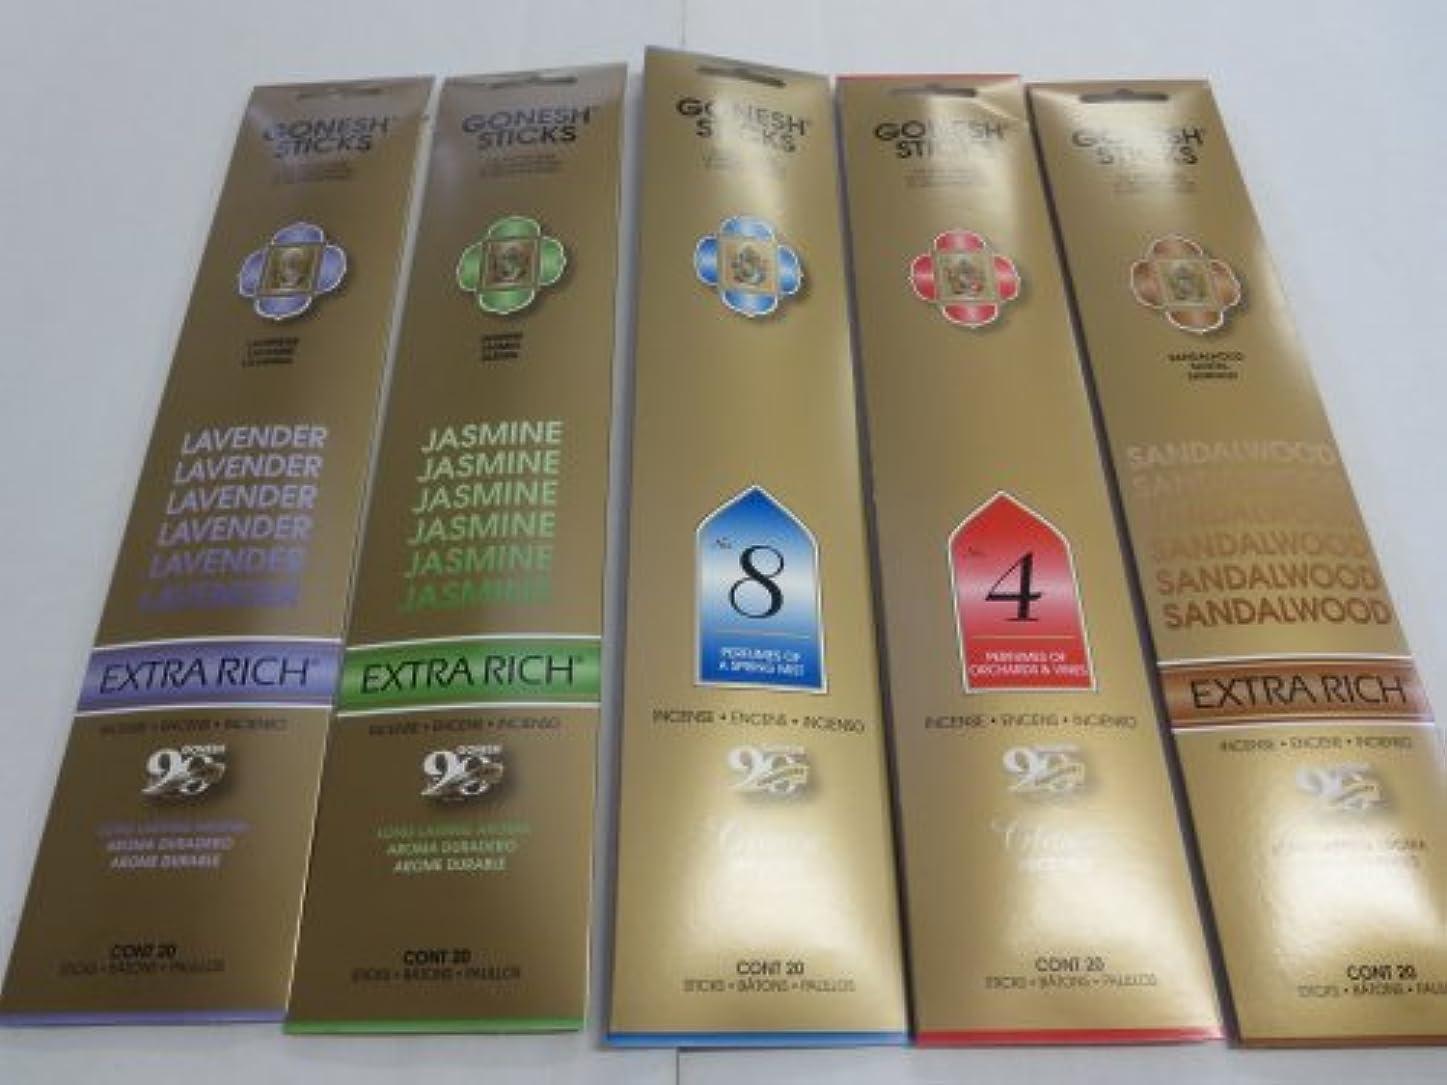 若者郵便保持Gonesh Incense Sticks Variety Value Pack (100 Sticks) Lavender/Sandalwood/Jasmine/Spring Mist/Orchard & Vines